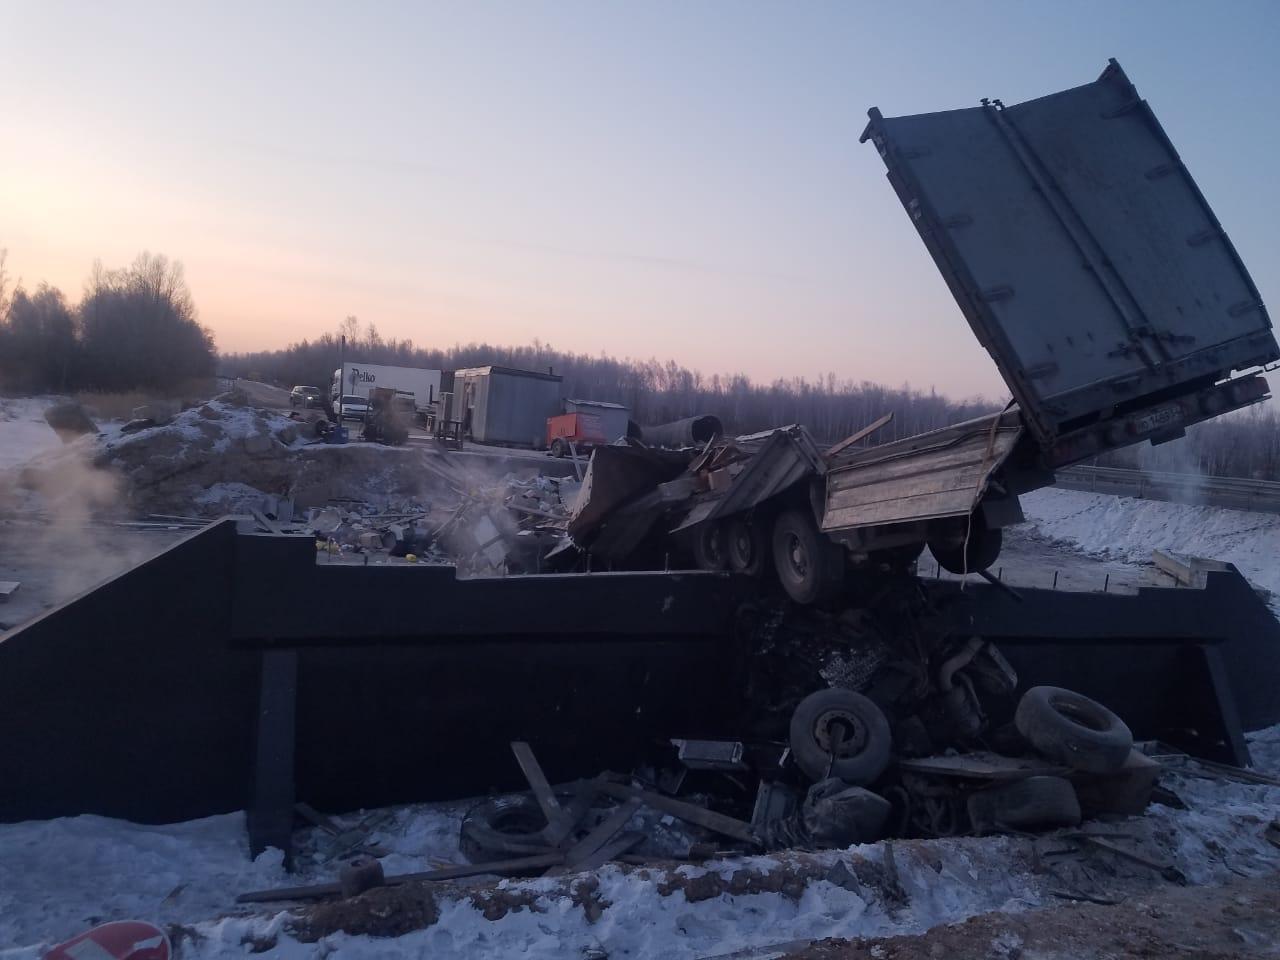 Водитель тягача погиб в жутком ДТП на федеральной автодороге в ЕАО